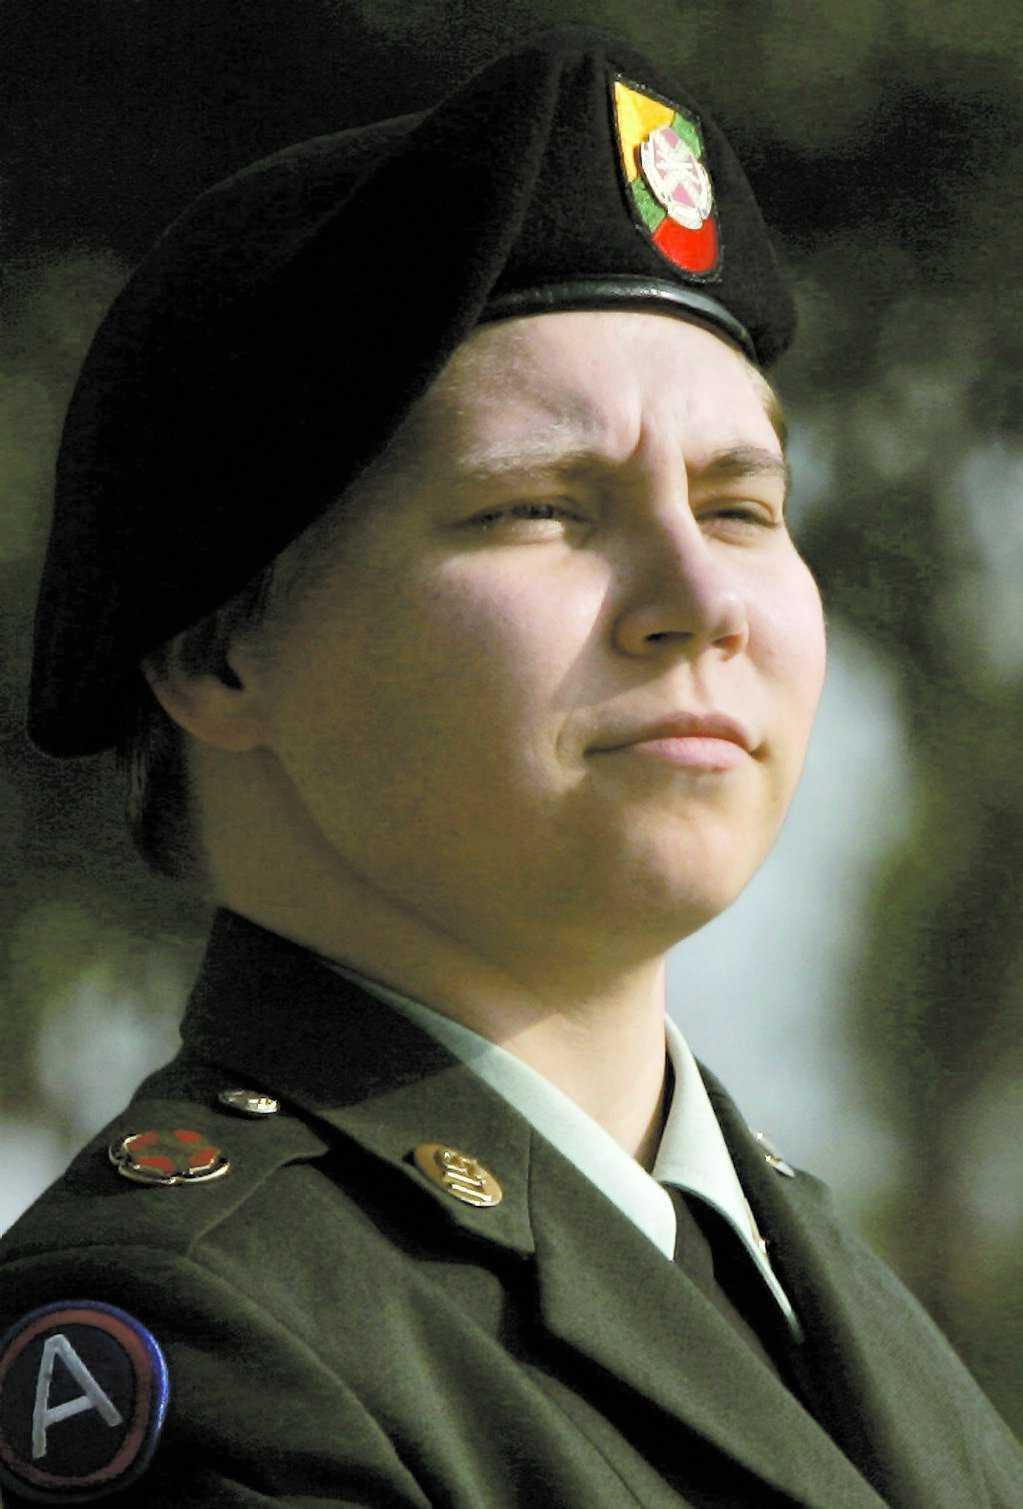 FICK FÄNGELSE Lynndie England dömdes till tre års fängelse för övergreppen i det irakiska fängelset Abu Ghraib.